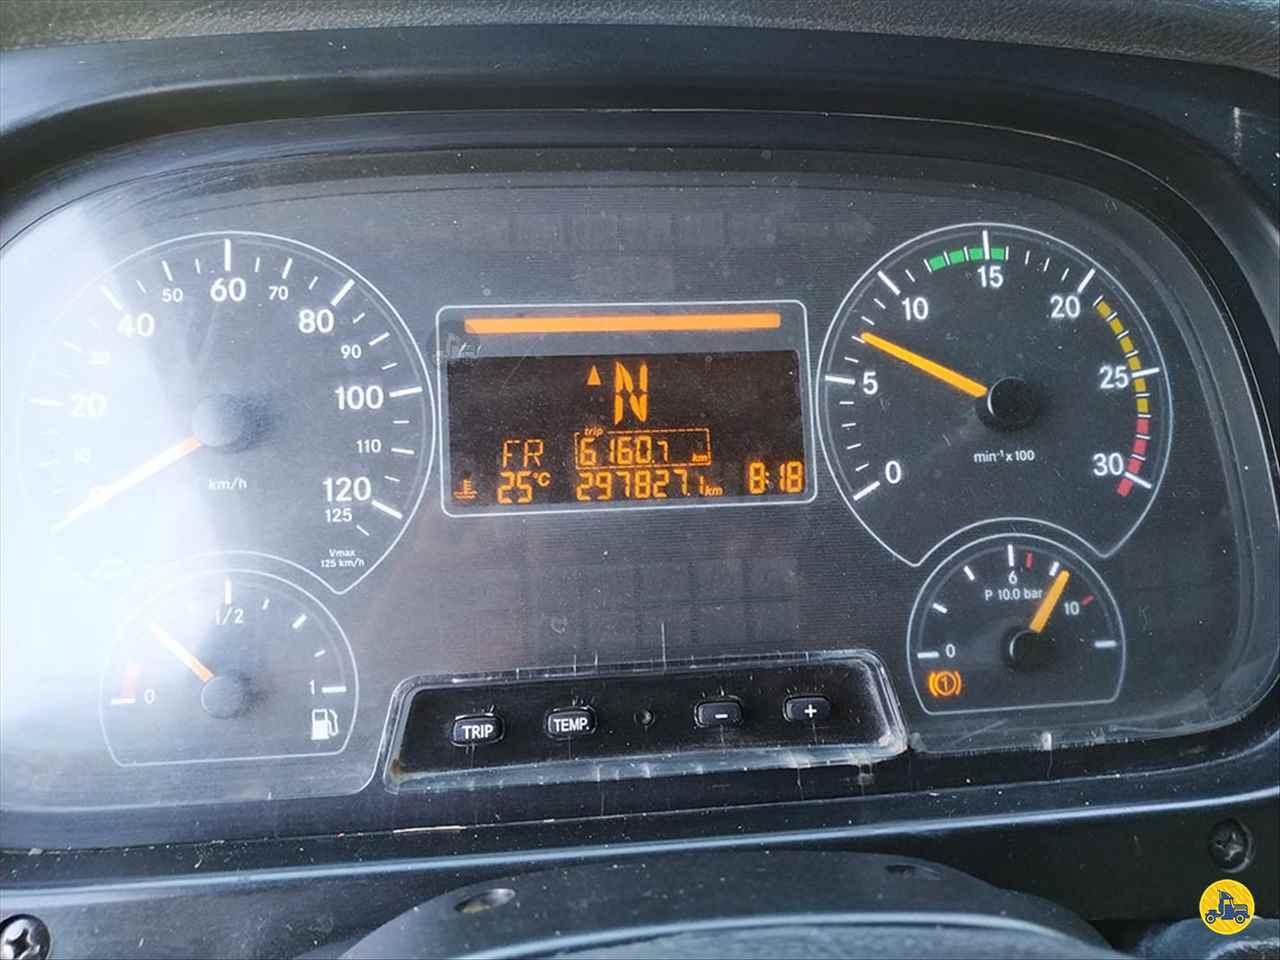 MERCEDES-BENZ MB 1319 297827km 2012/2012 SB Veiculos